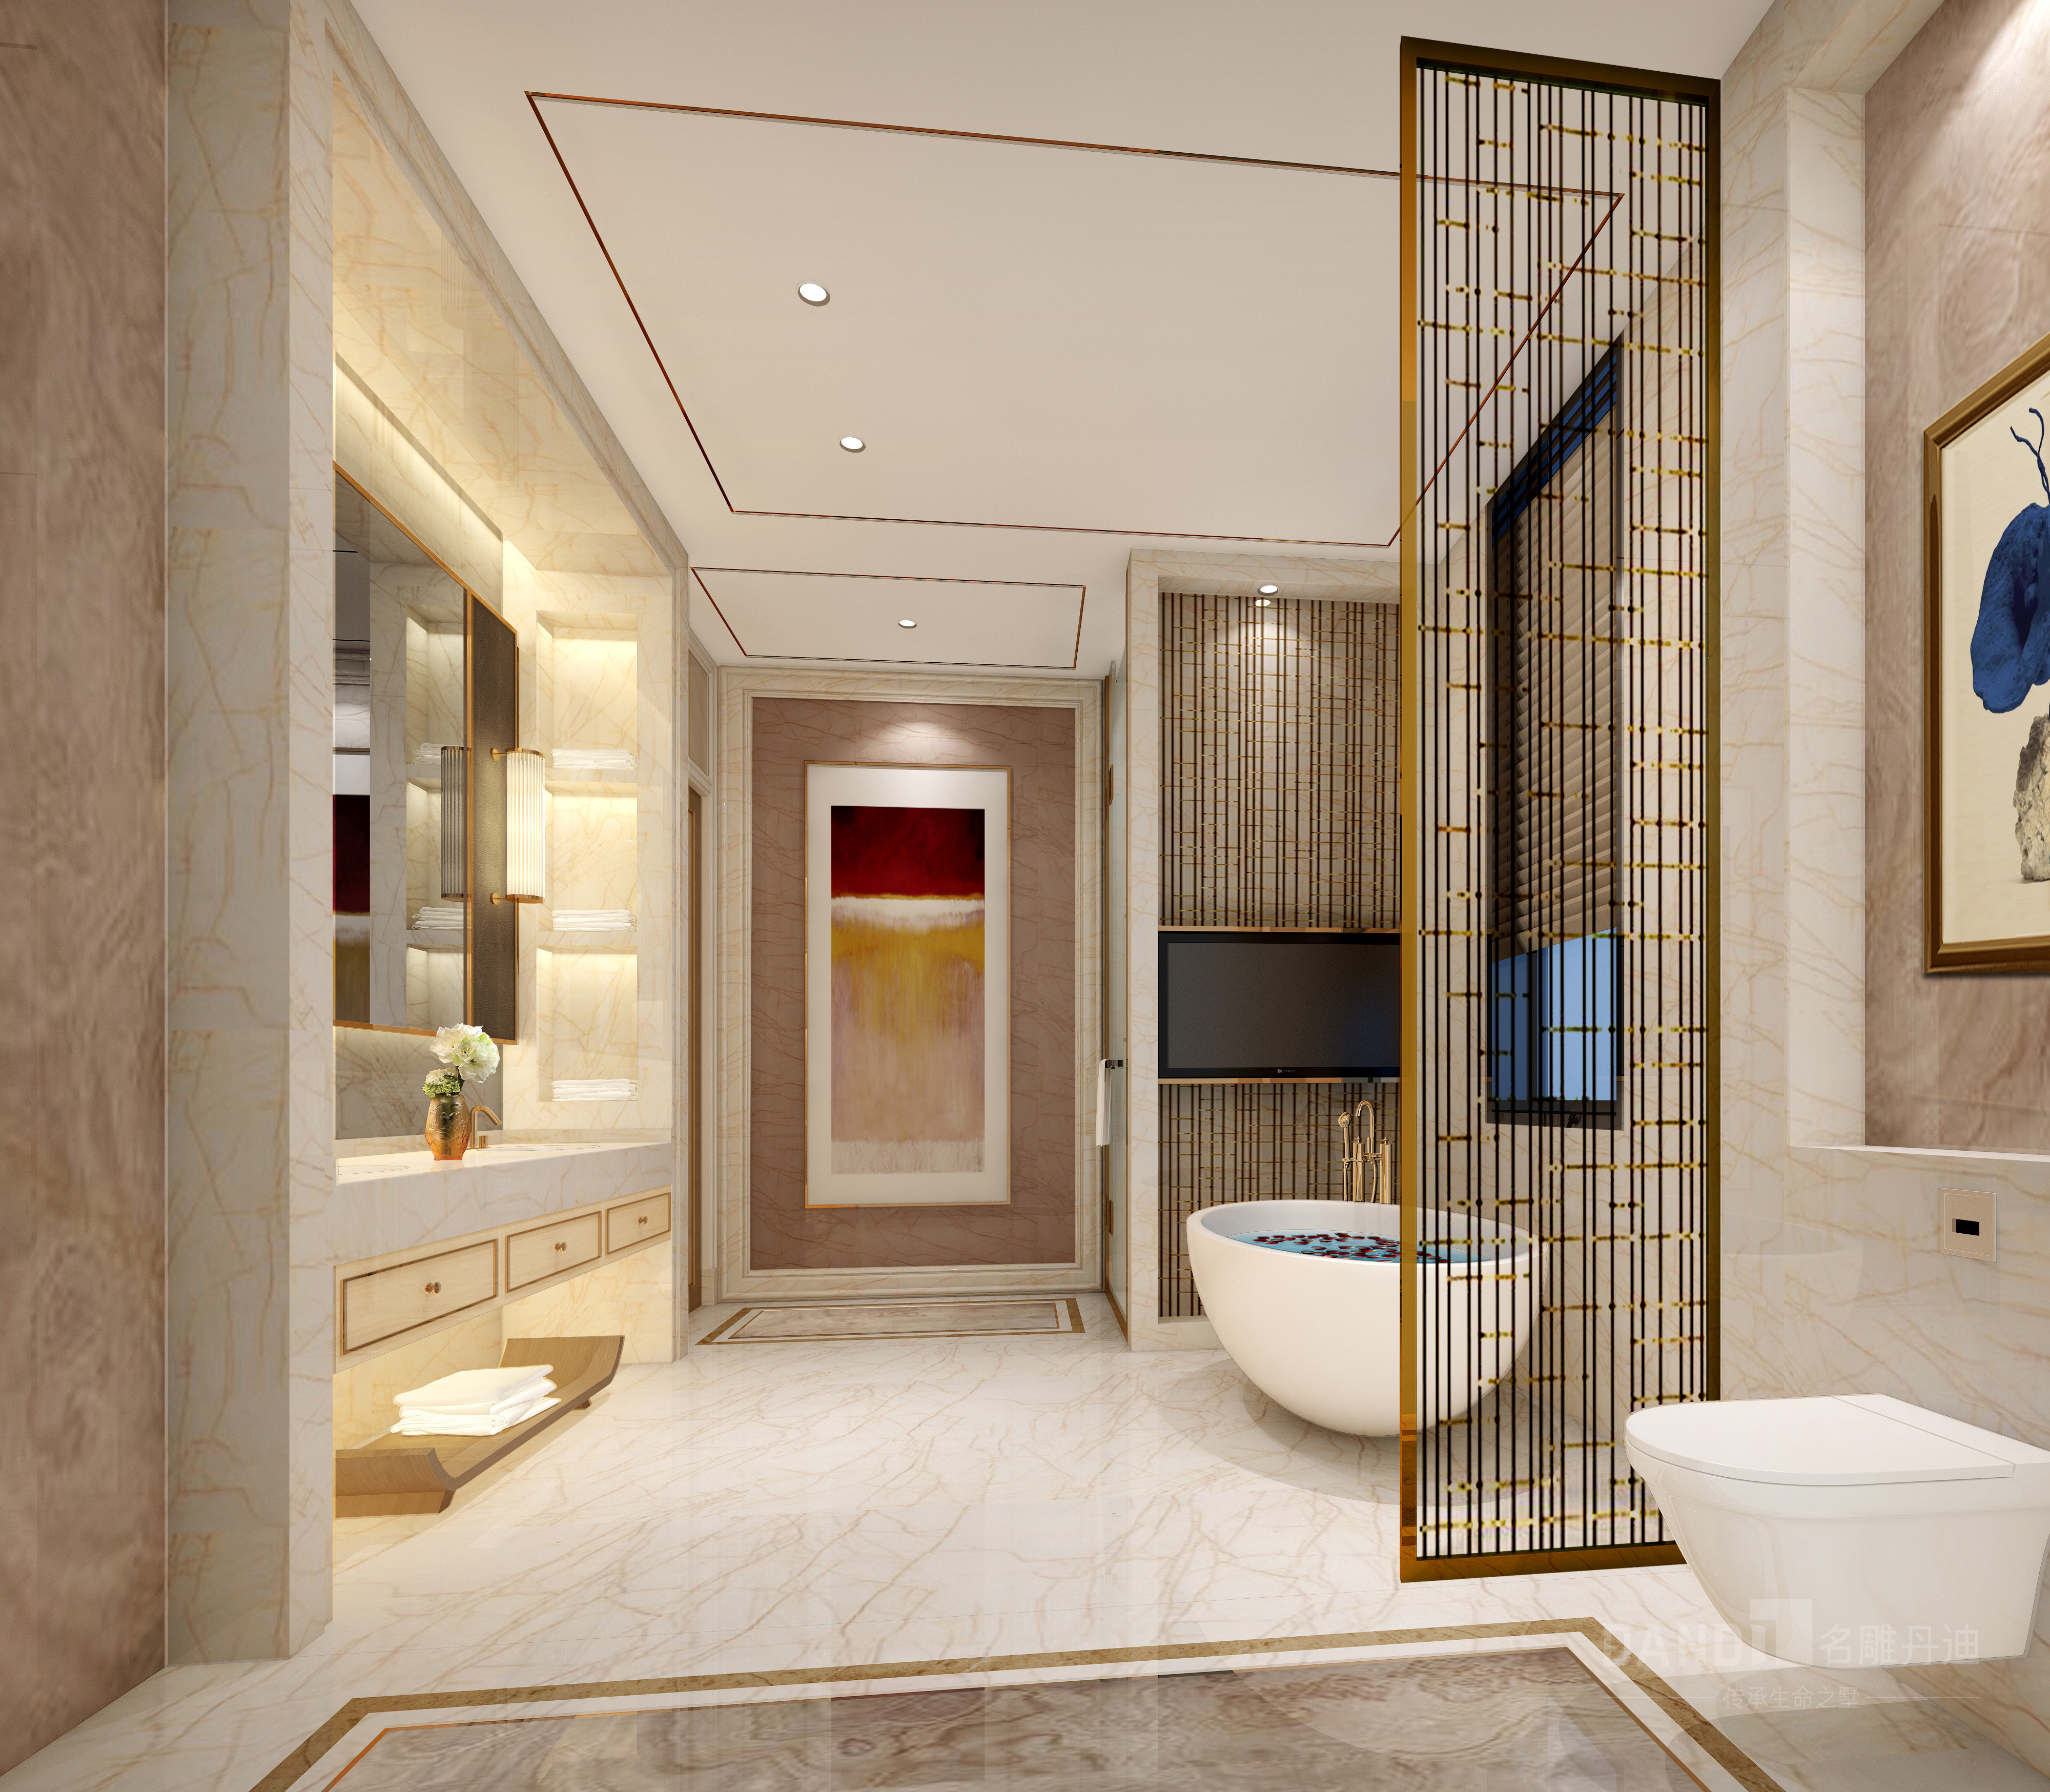 简约 别墅 卫生间图片来自名雕丹迪在纯水岸现代风格别墅装修的分享